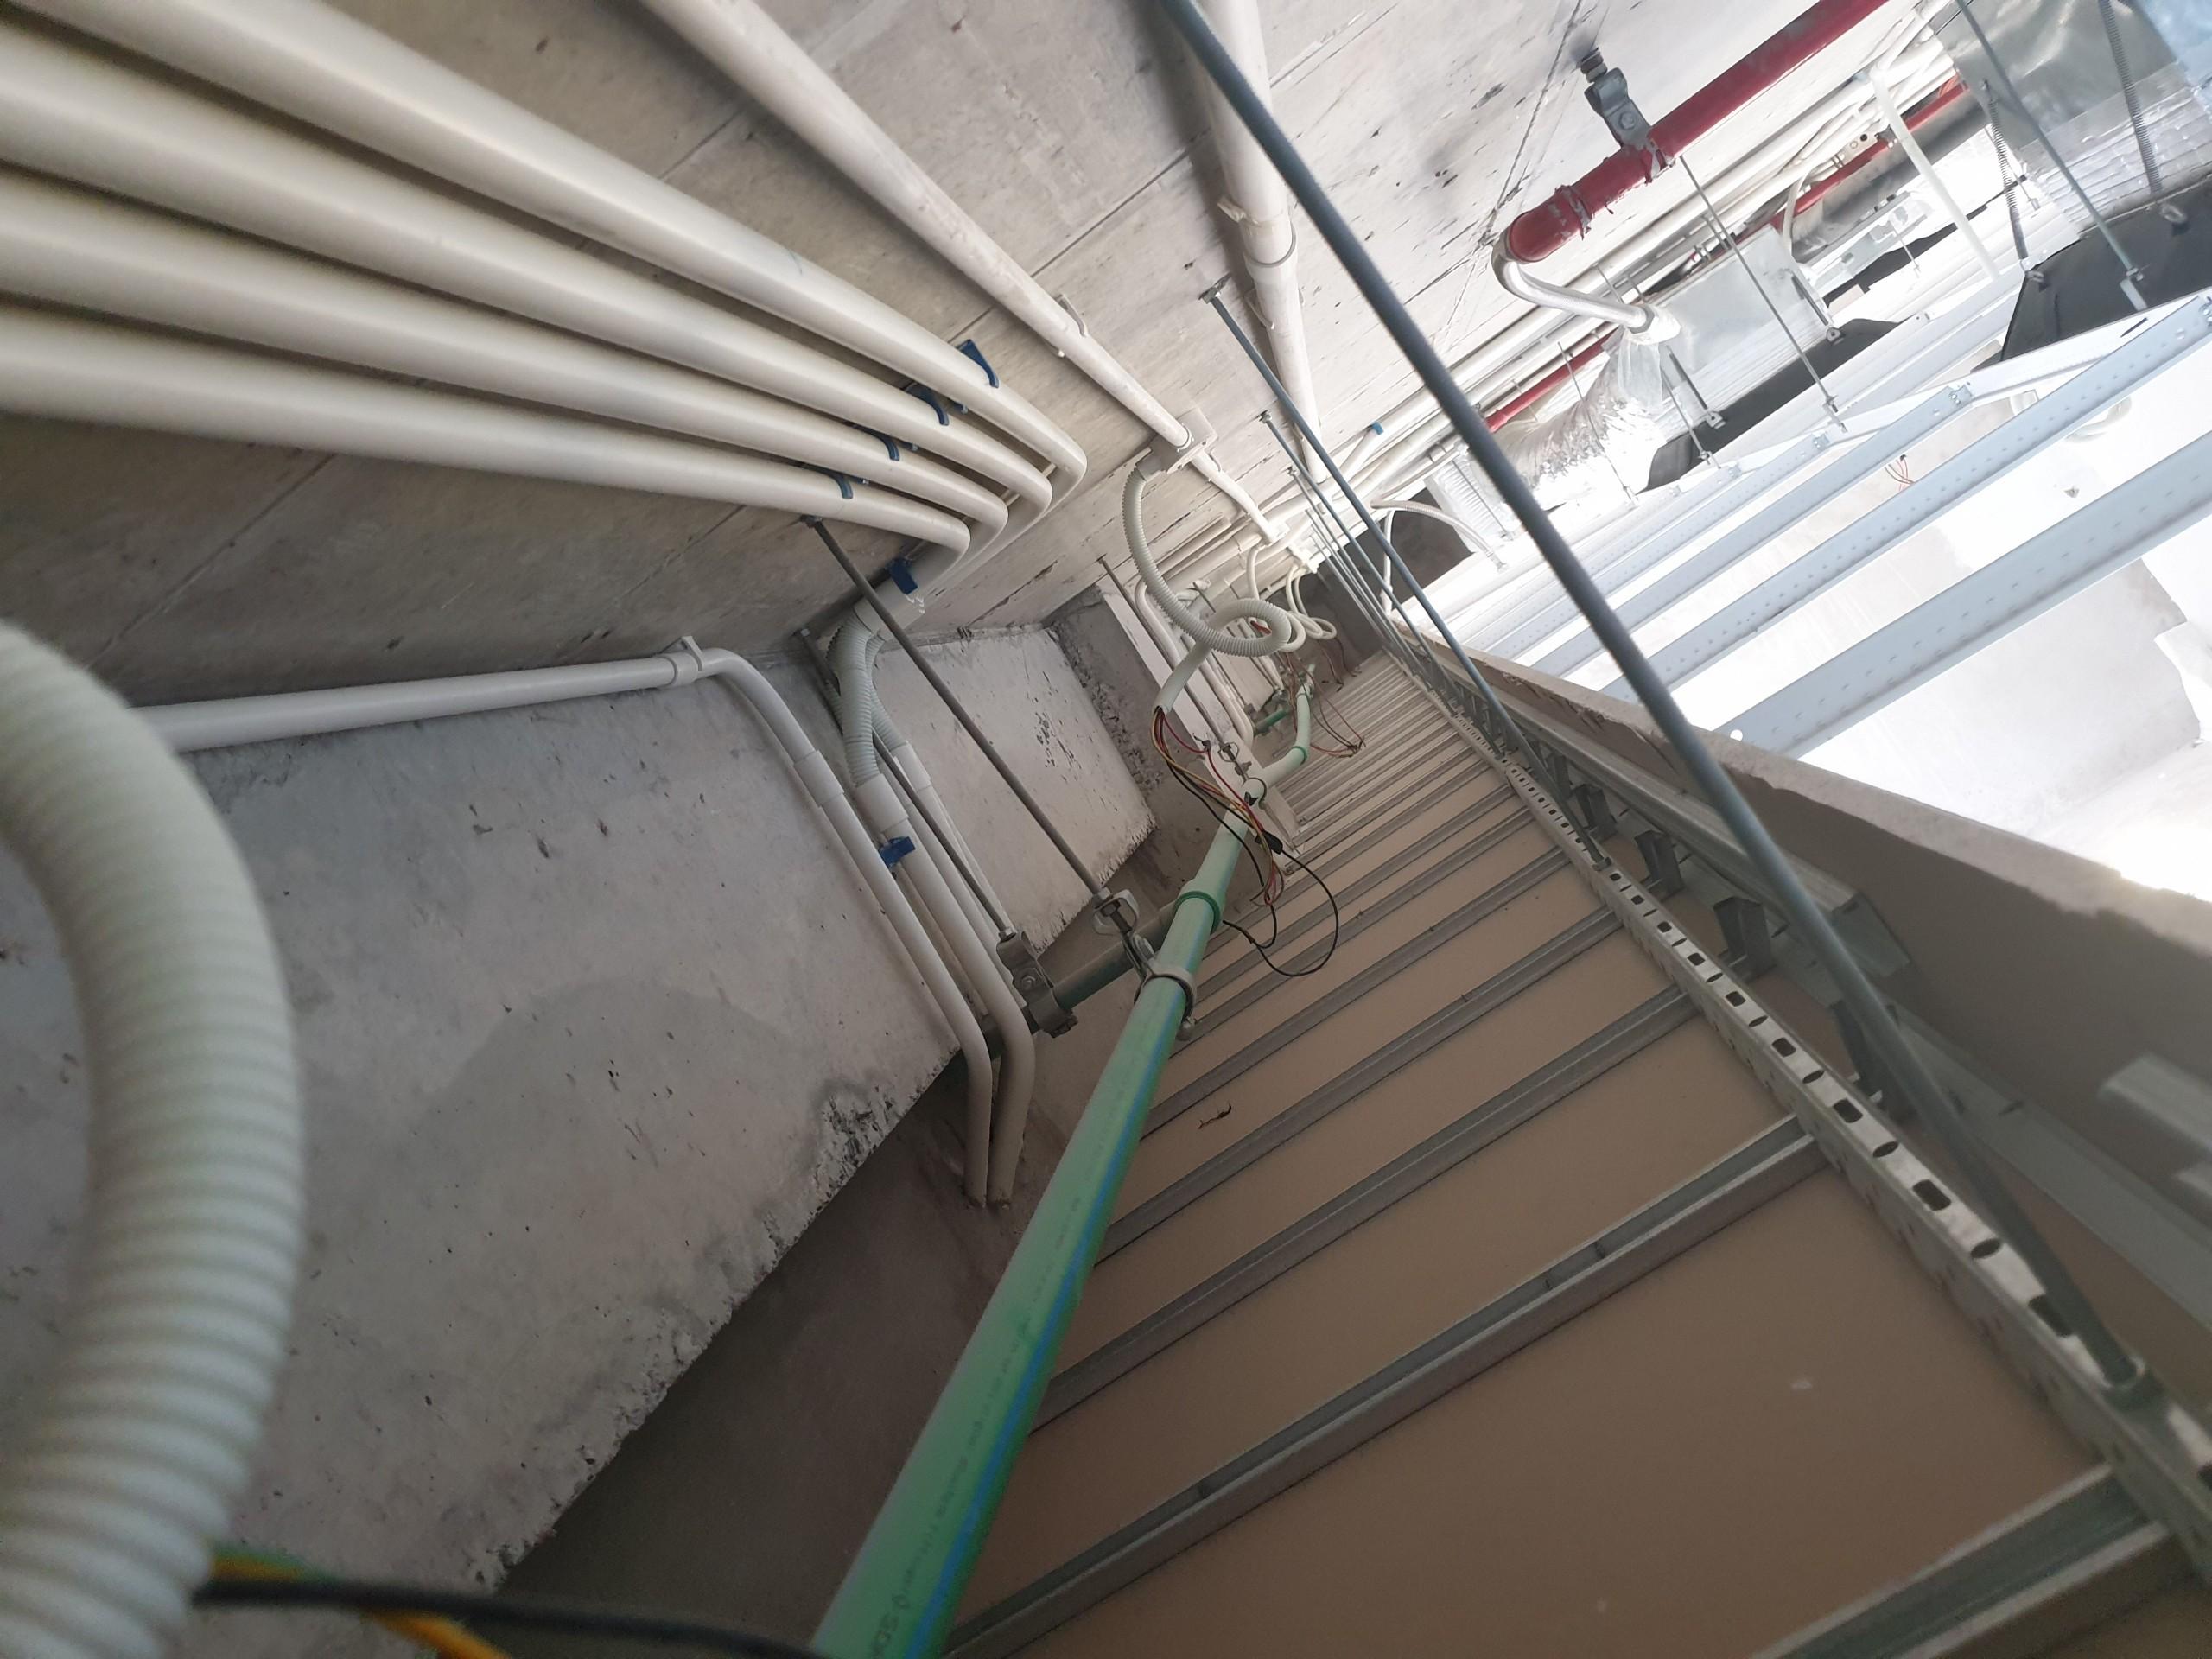 Hệ thống điện trên trần phía dưới là thạch cao được thi công theo thiết kế phê duyệt